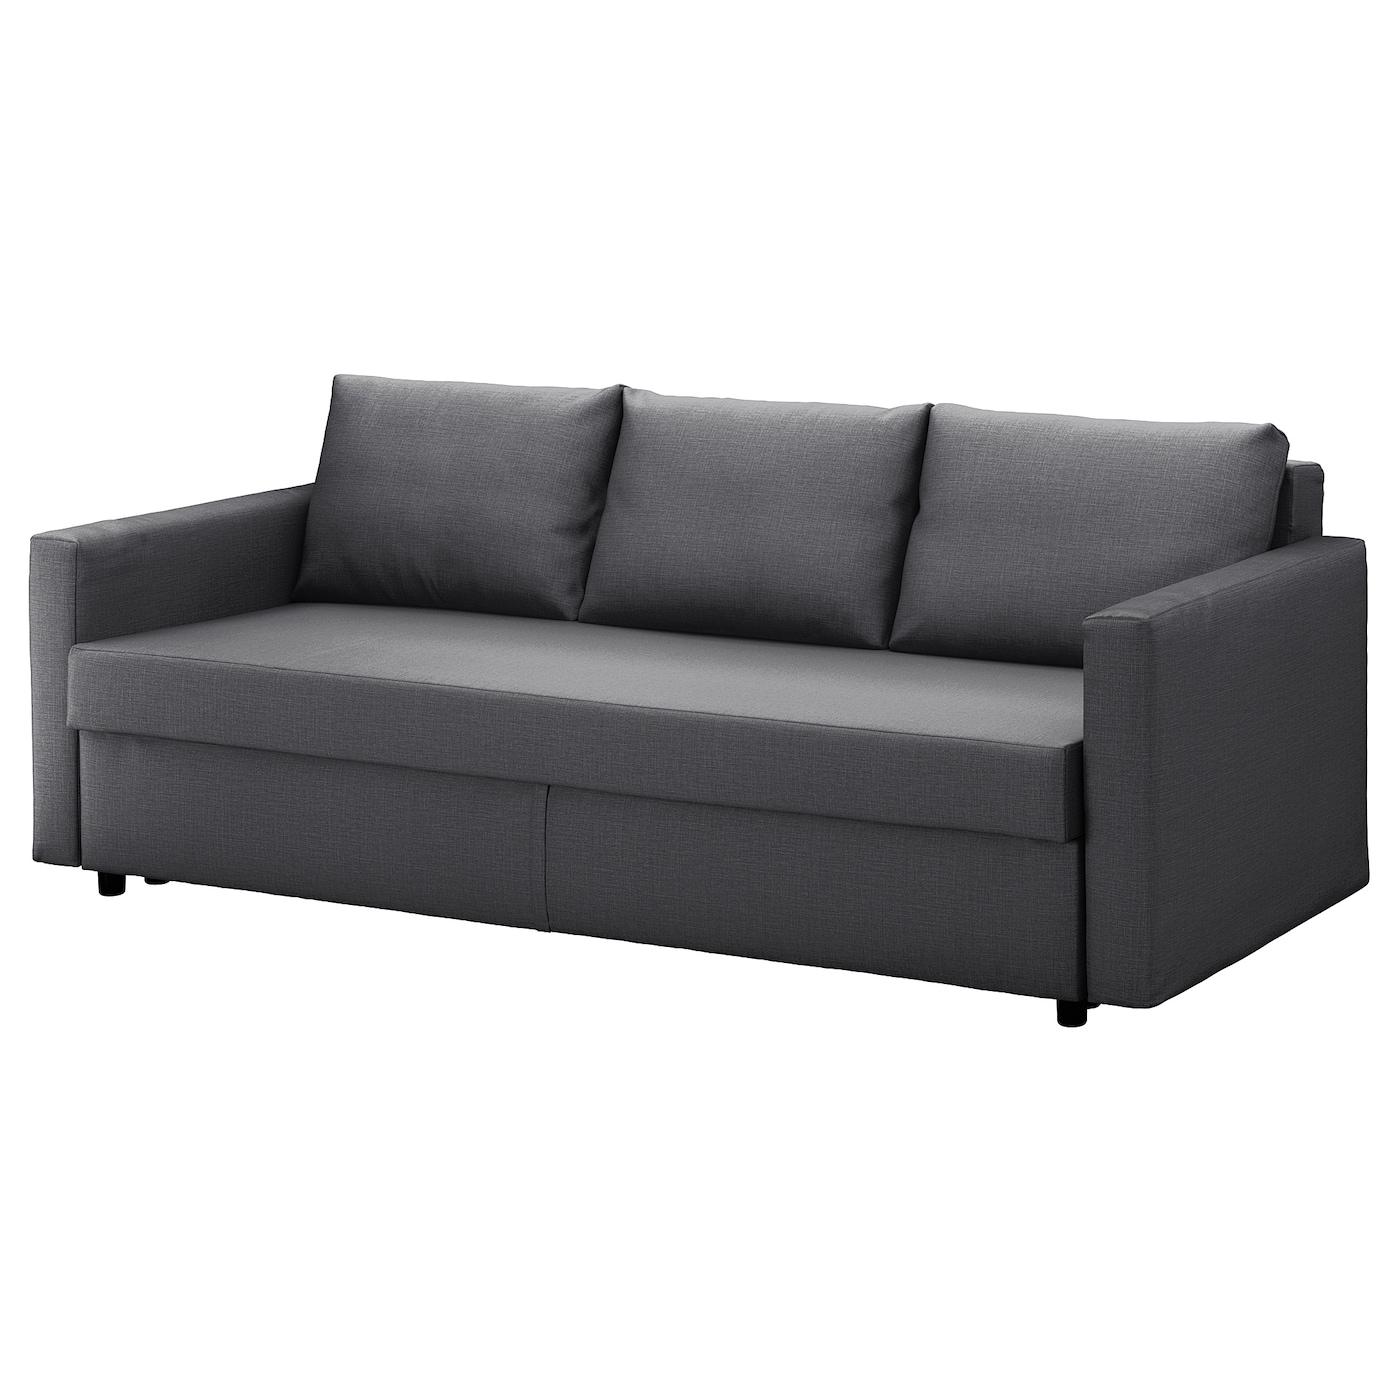 IKEA FRIHETEN ciemnoszara, trzyosobowa sofa rozkładana